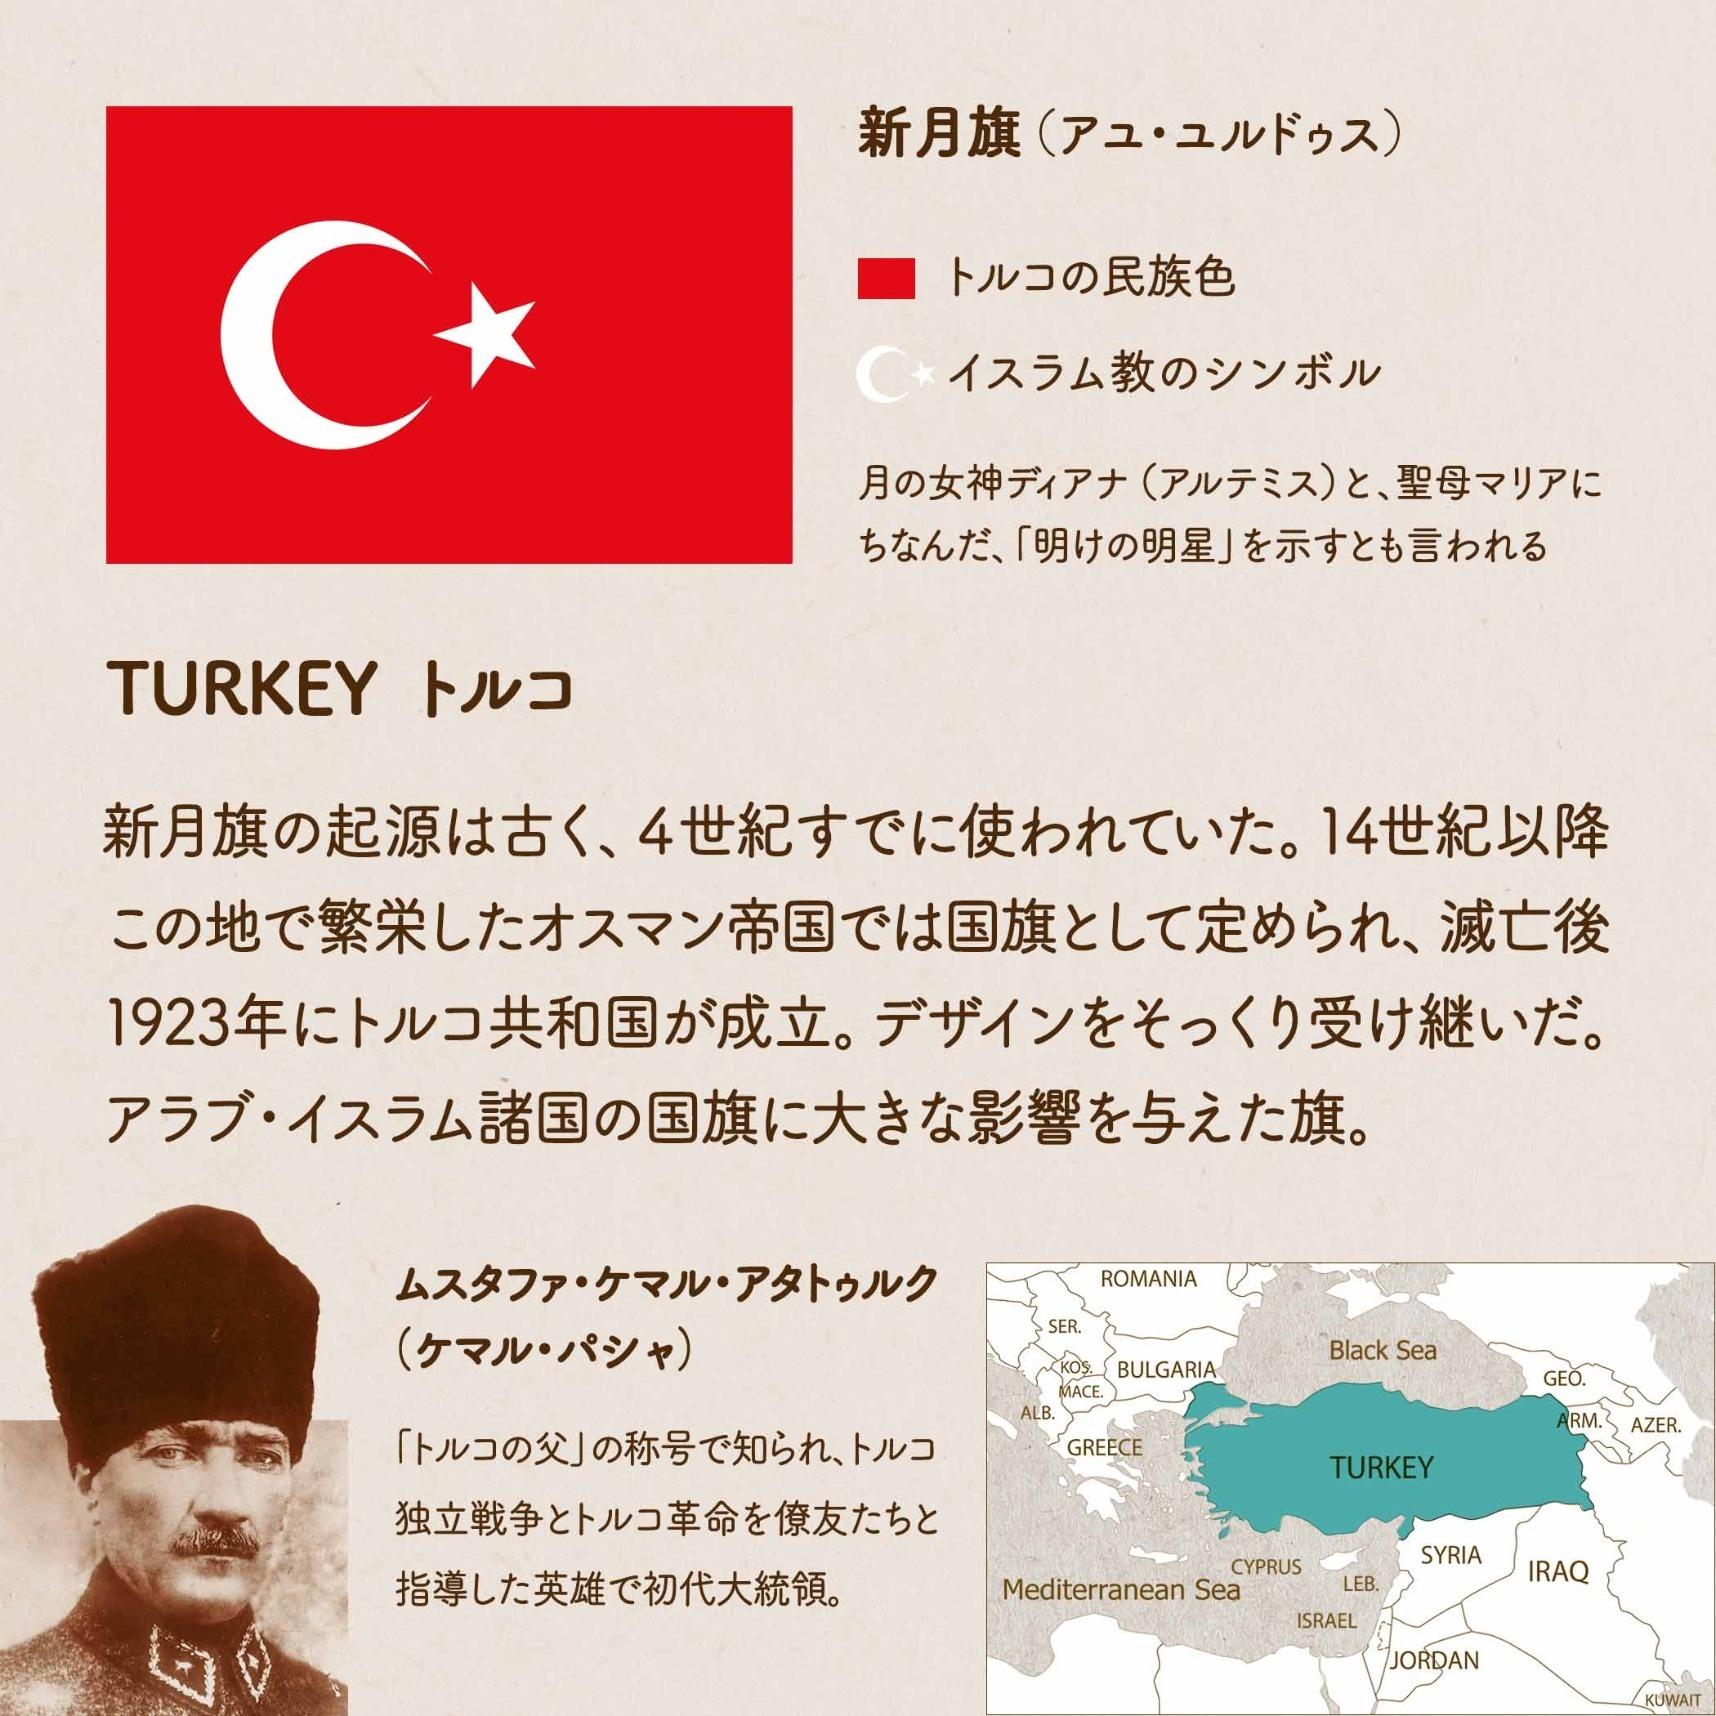 TURKEY トルコ/新月旗の起源は古く、4世紀すでに使われていた。14世紀以降この地で繁栄したオスマン帝国では国旗として定められ、滅亡後1923年にトルコ共和国が成立。デザインをそっくり受け継いだ。アラブ・イスラム諸国の国旗に大きな影響を与えた旗。新月旗(アユ・ユルドゥス/赤=トルコの民族色 三日月と星=イスラム教のシンボル 月の女神ディアナ(アルテミス)と、聖母マリアにちなんだ「明けの明星」を示すとも言われる ムスタファ・ケマル・アタトゥルク(ケマル・パシャ)/「トルコの父」の称号で知られ、トルコ独立